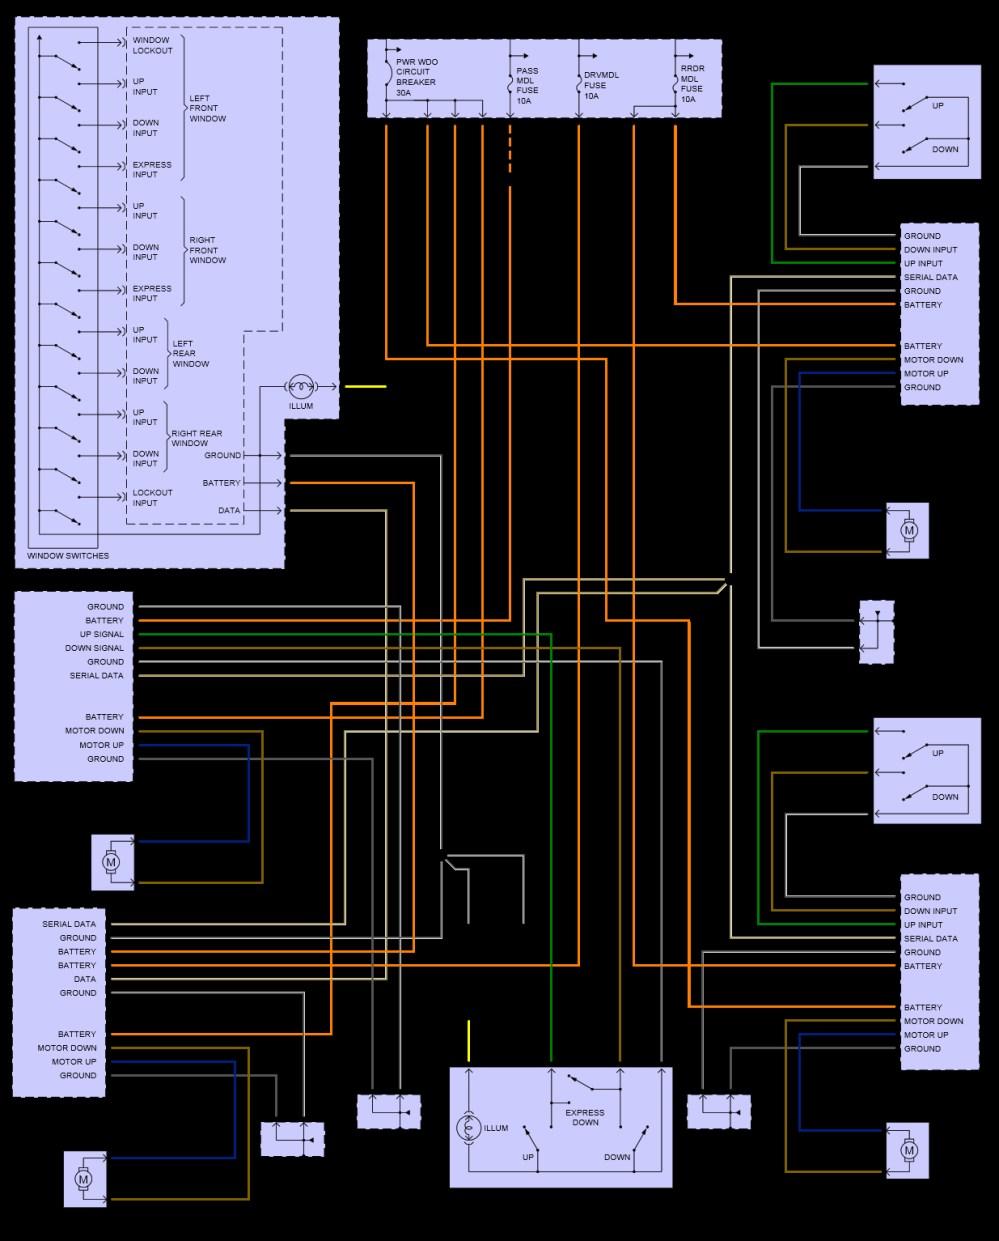 medium resolution of 2001 buick century stereo wiring diagram download wiring diagram2001 buick century stereo wiring diagram collection stereo